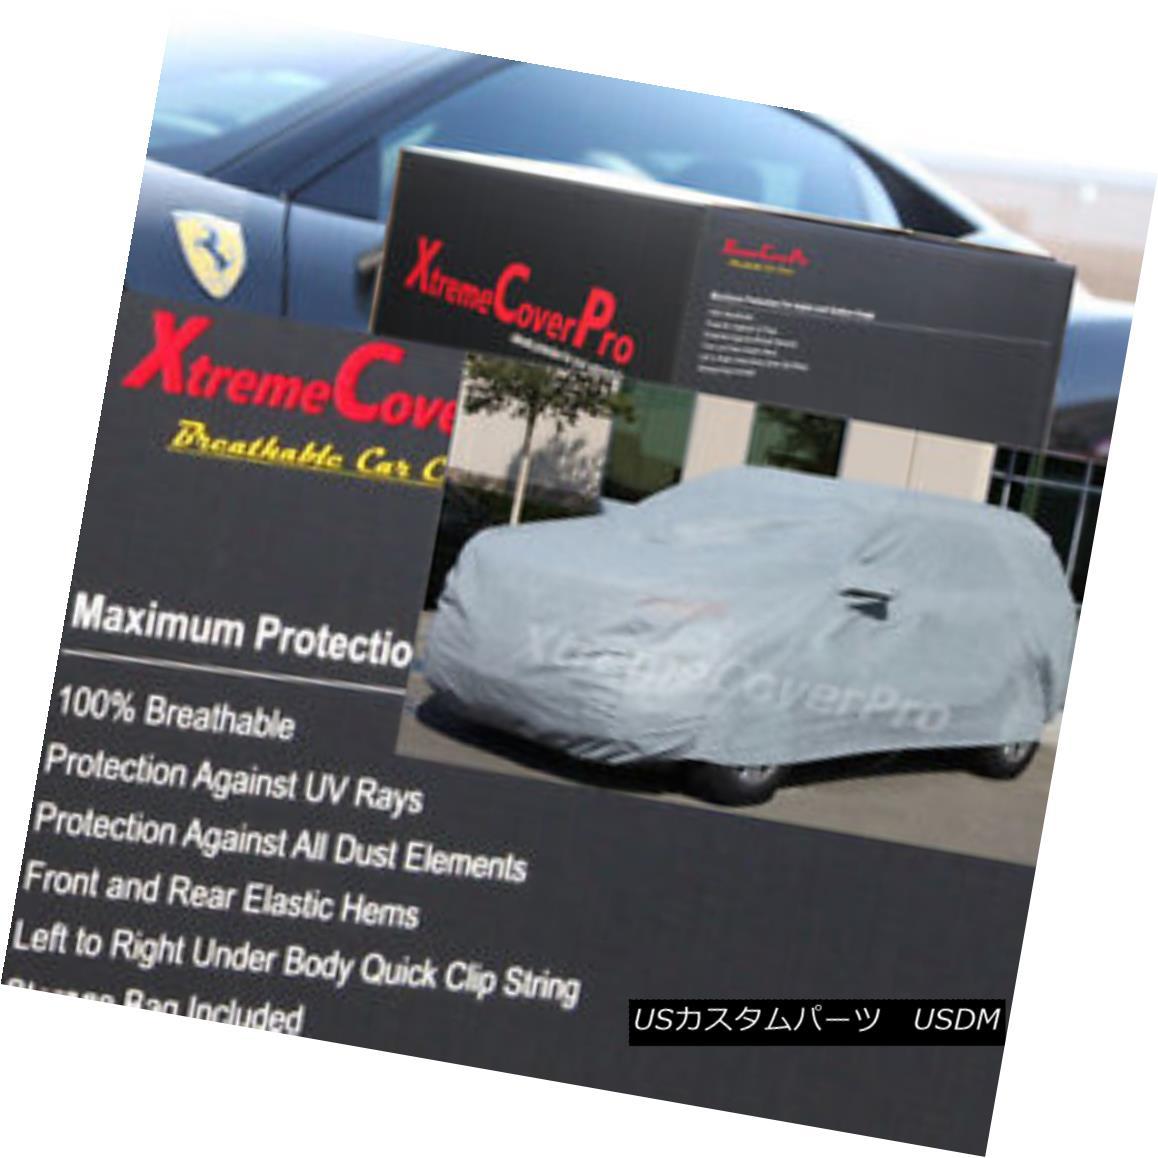 カーカバー 2015 MAZDA MAZDA5 Breathable Car Cover w/Mirror Pockets - Gray 2015 MAZDA MAZDA5通気性の車カバー、ミラーポケット付き - グレー